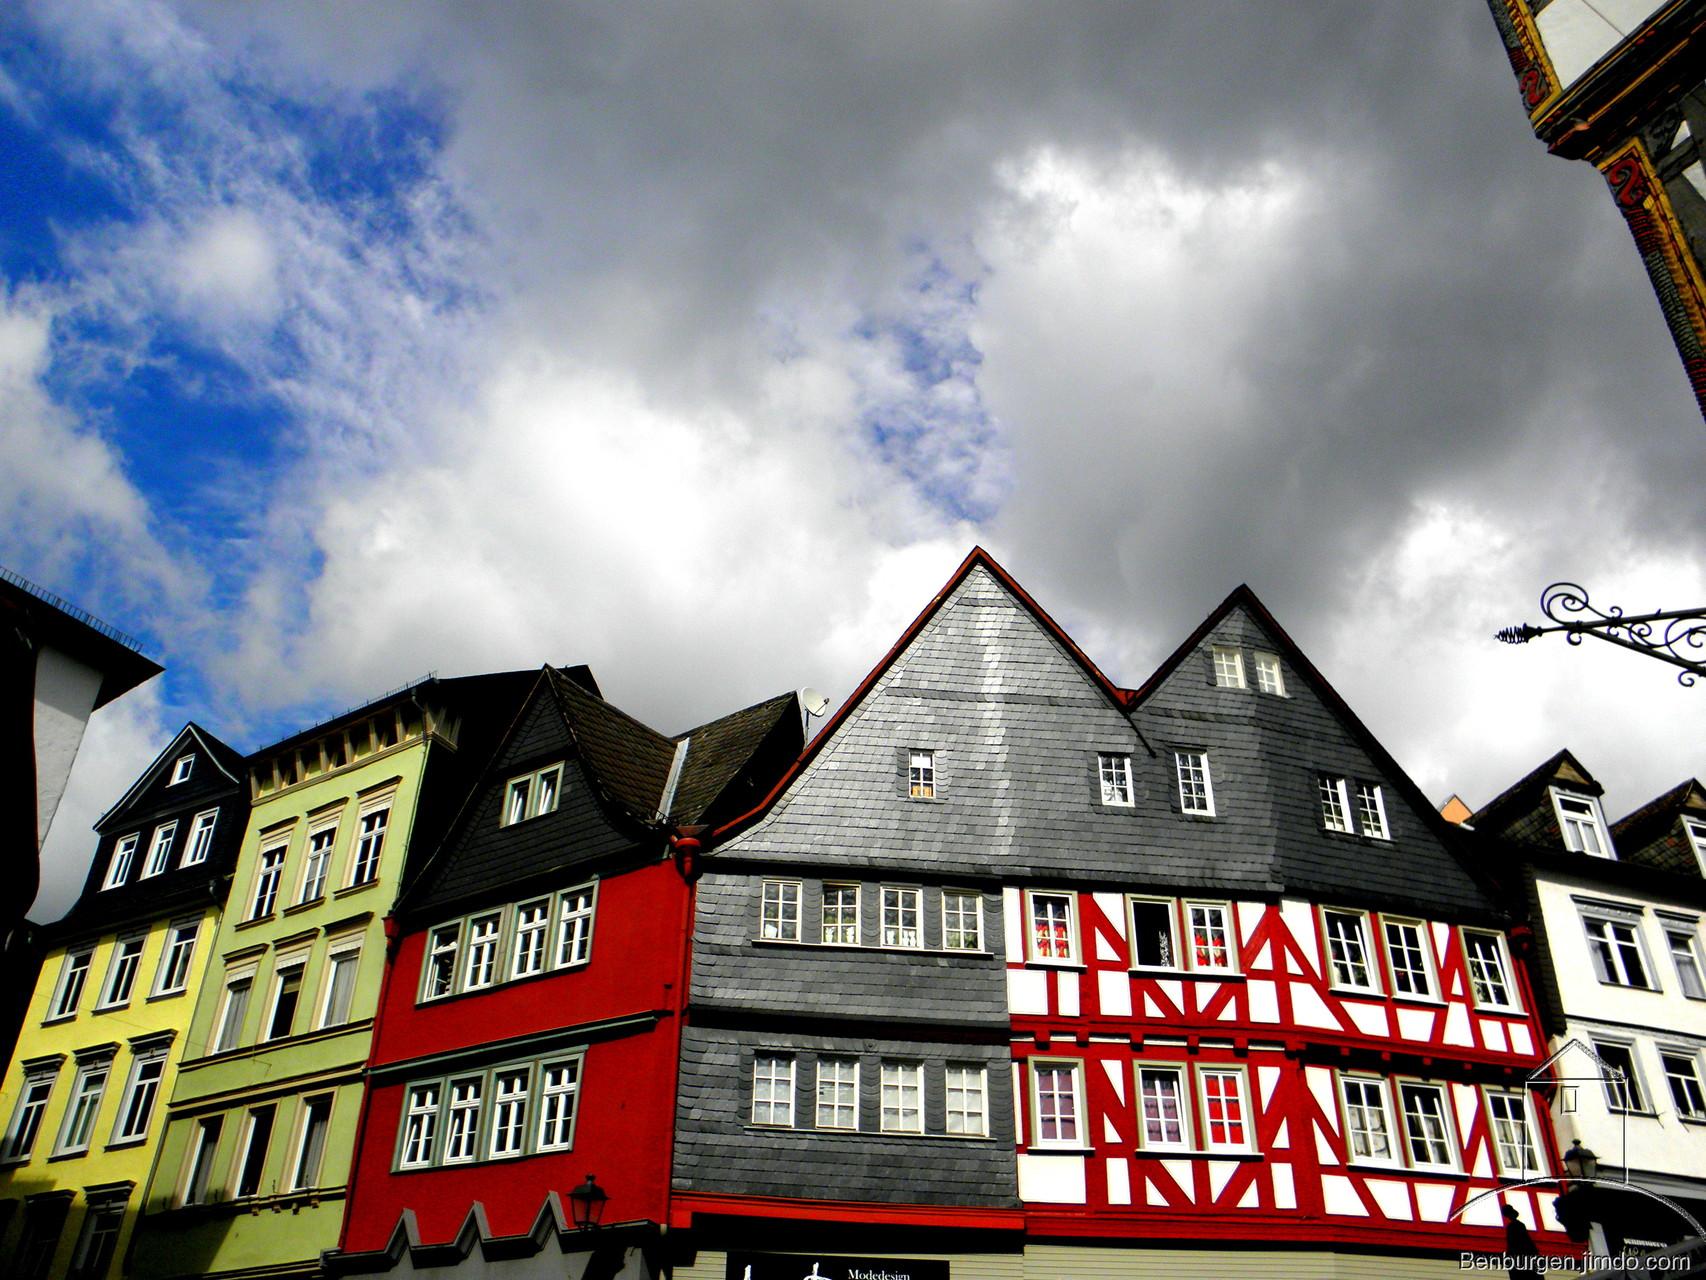 Häusergruppierung mit Blick in den Himmel.